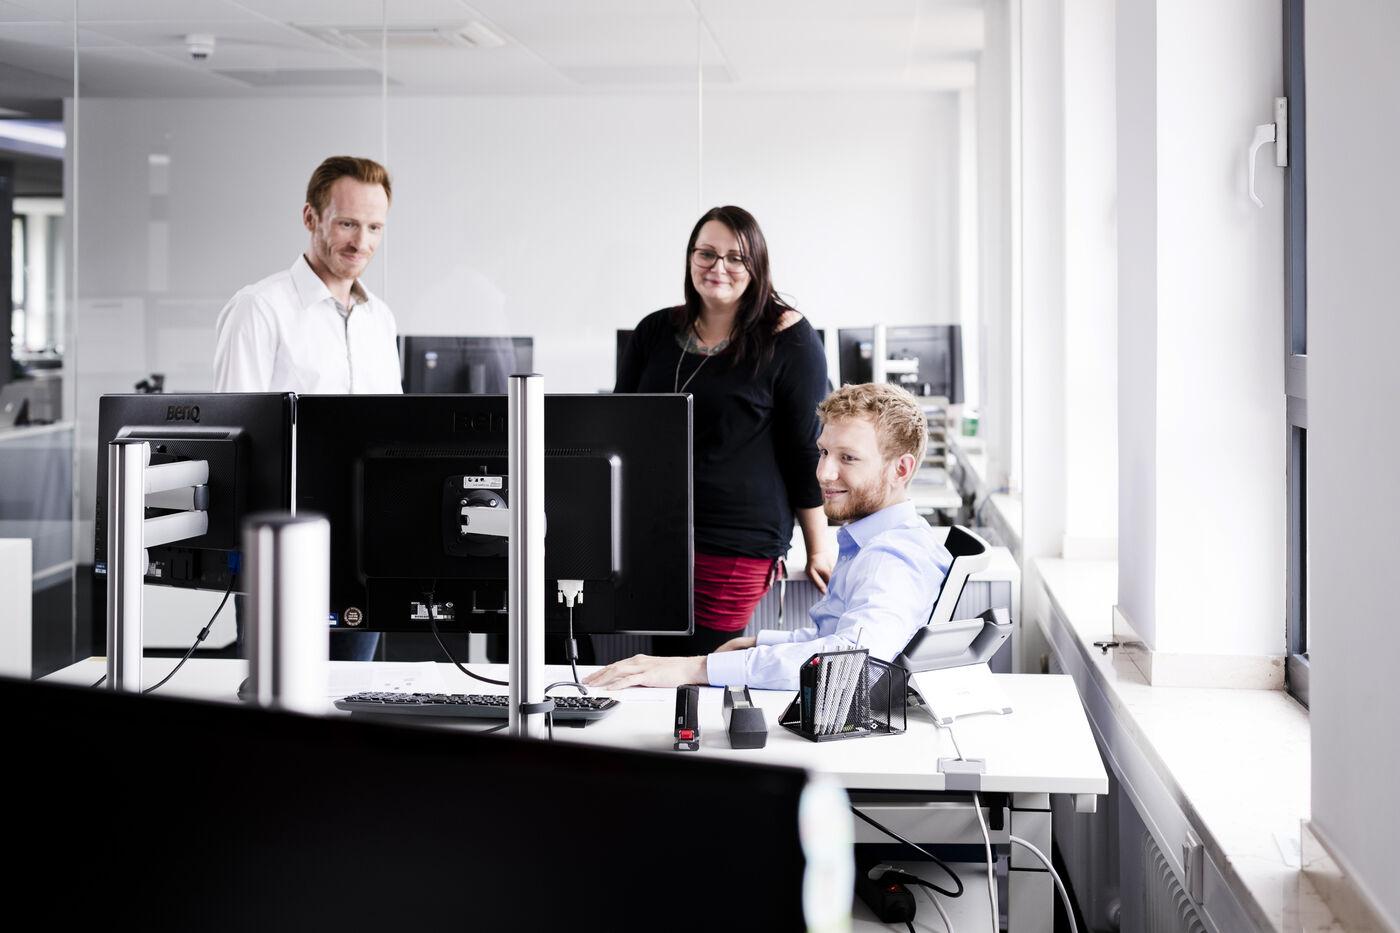 Leiter der mechanischen Konstruktion (m/w/d) - Job Steinhagen - Karriere - Stellenangebote I Plasmatreat GmbH